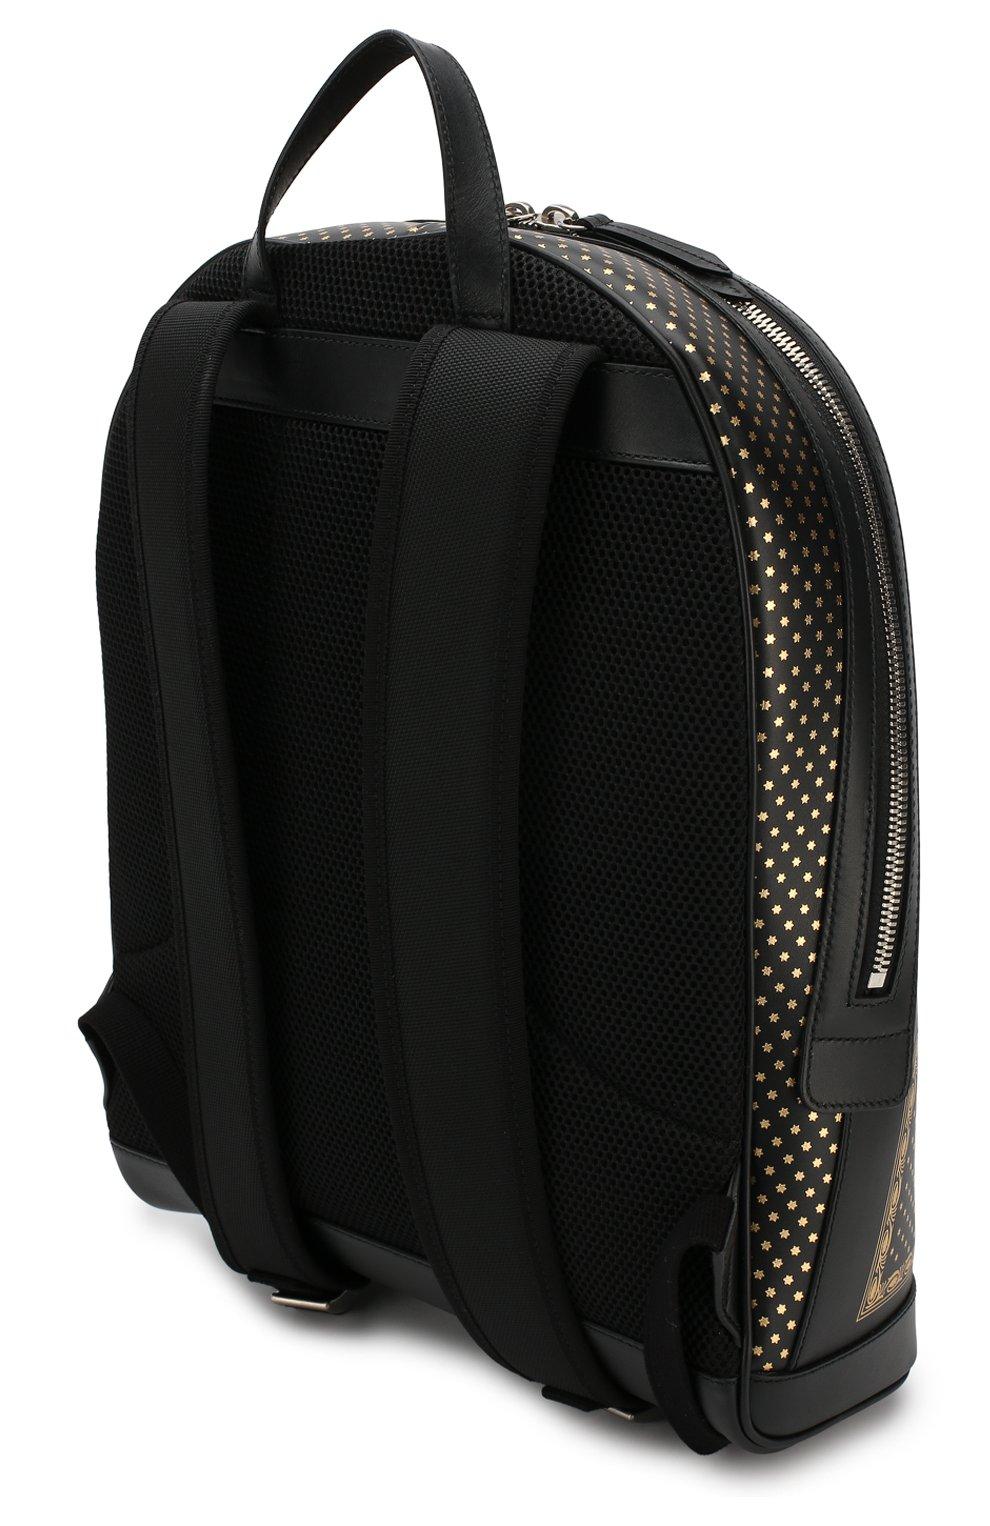 Кожаный рюкзак Guccy с декоративной отделкой Gucci черный  bc669849daafa